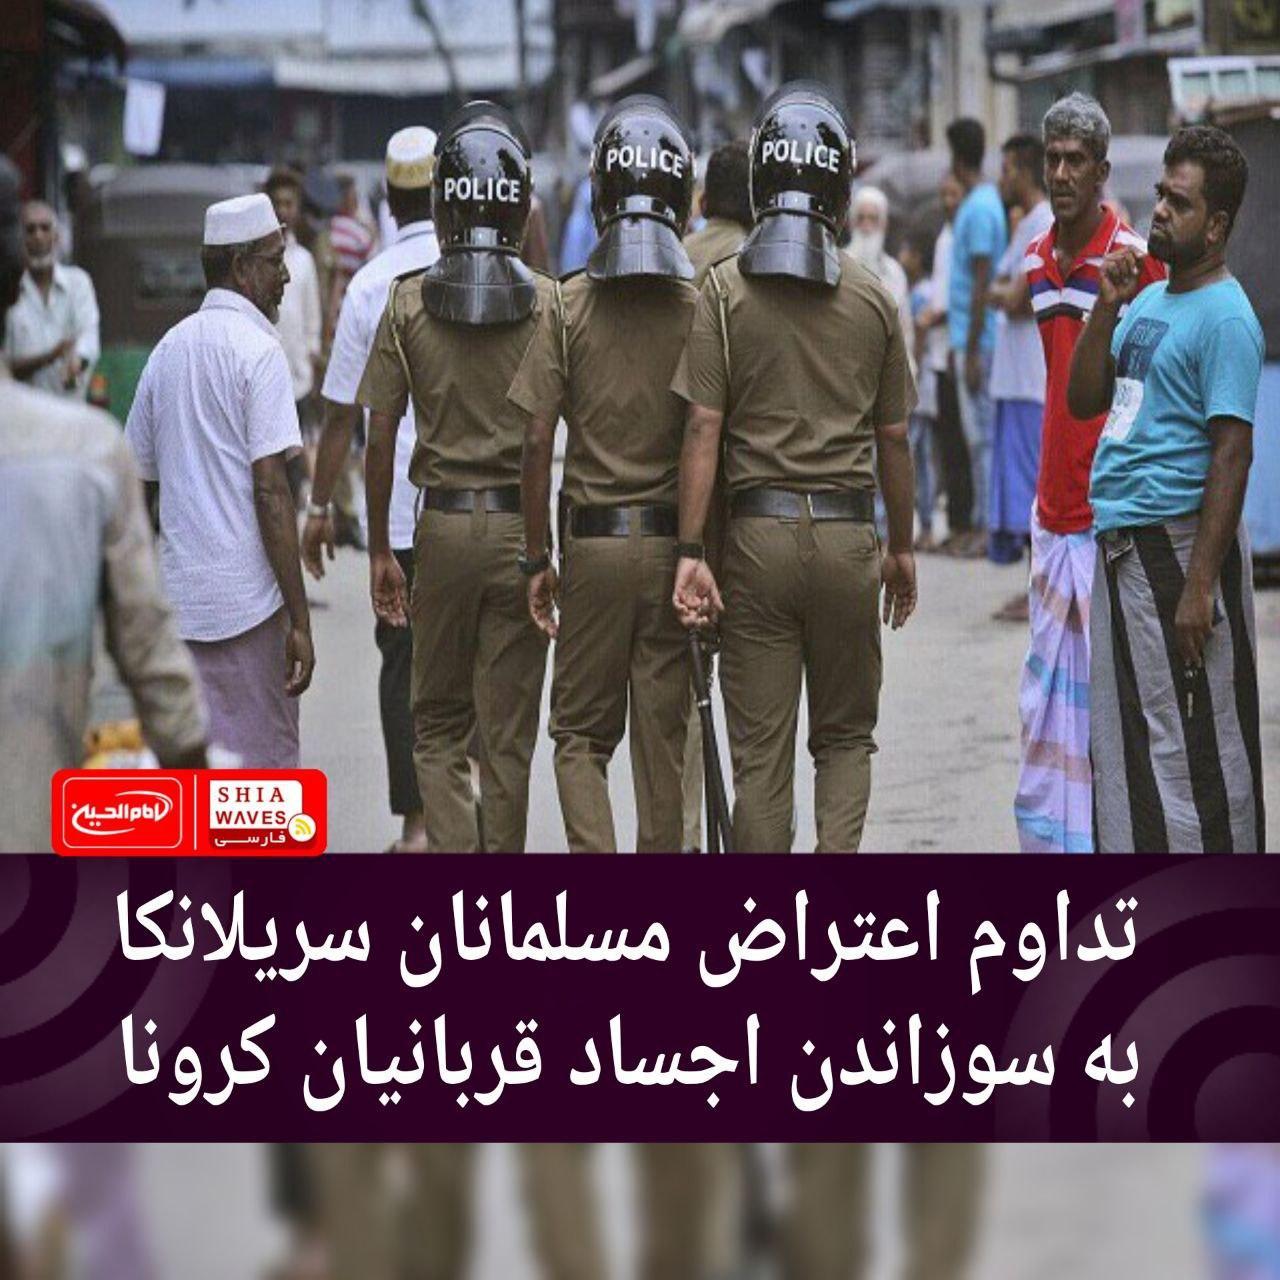 تصویر تداوم اعتراض مسلمانان سریلانکا به سوزاندن اجساد قربانیان کرونا